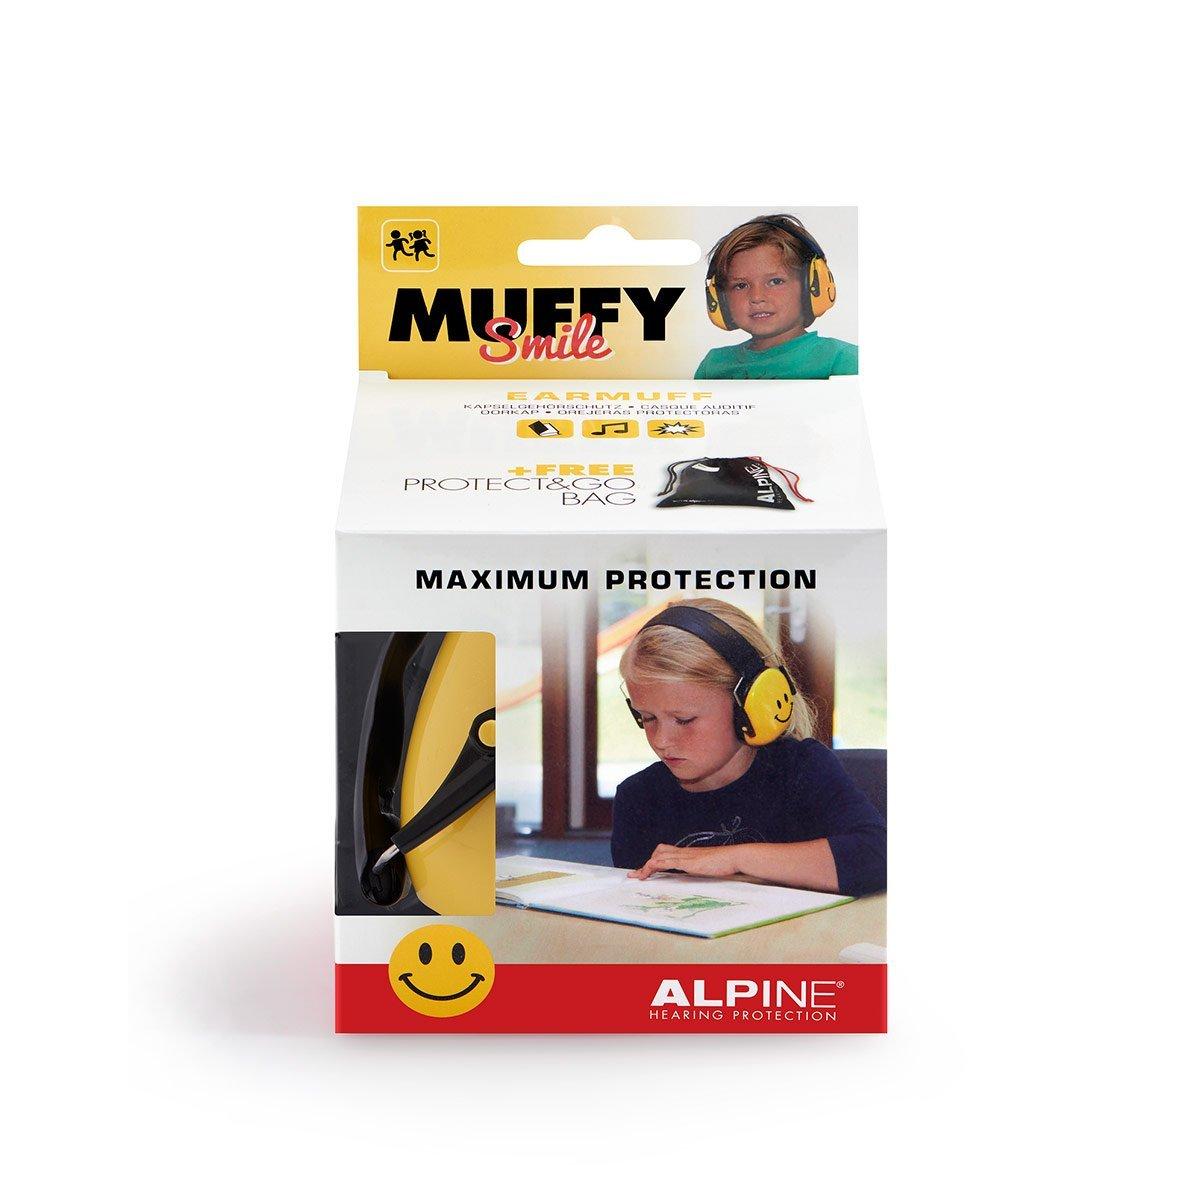 Alpine Muffy Smile kõrvaklapid lastele pakendi pilt